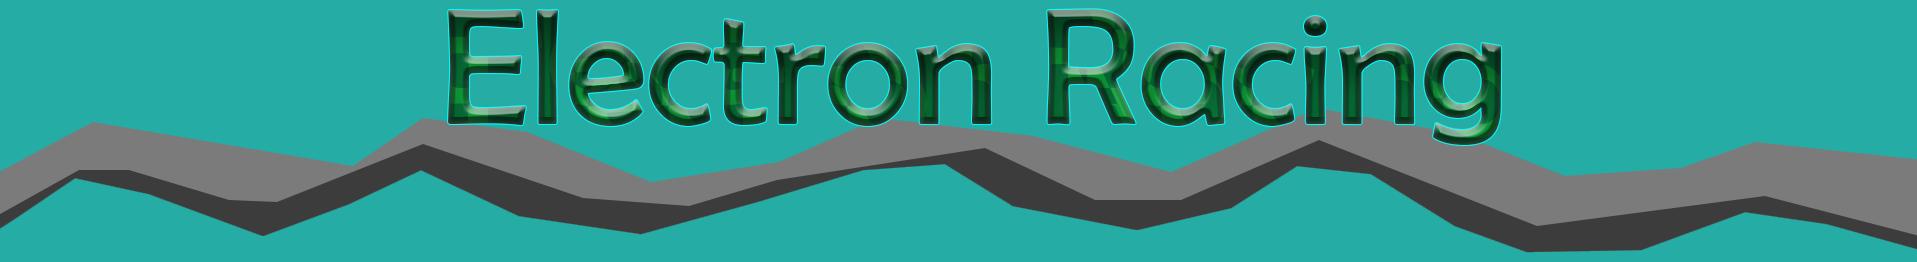 07 - Electron Racing